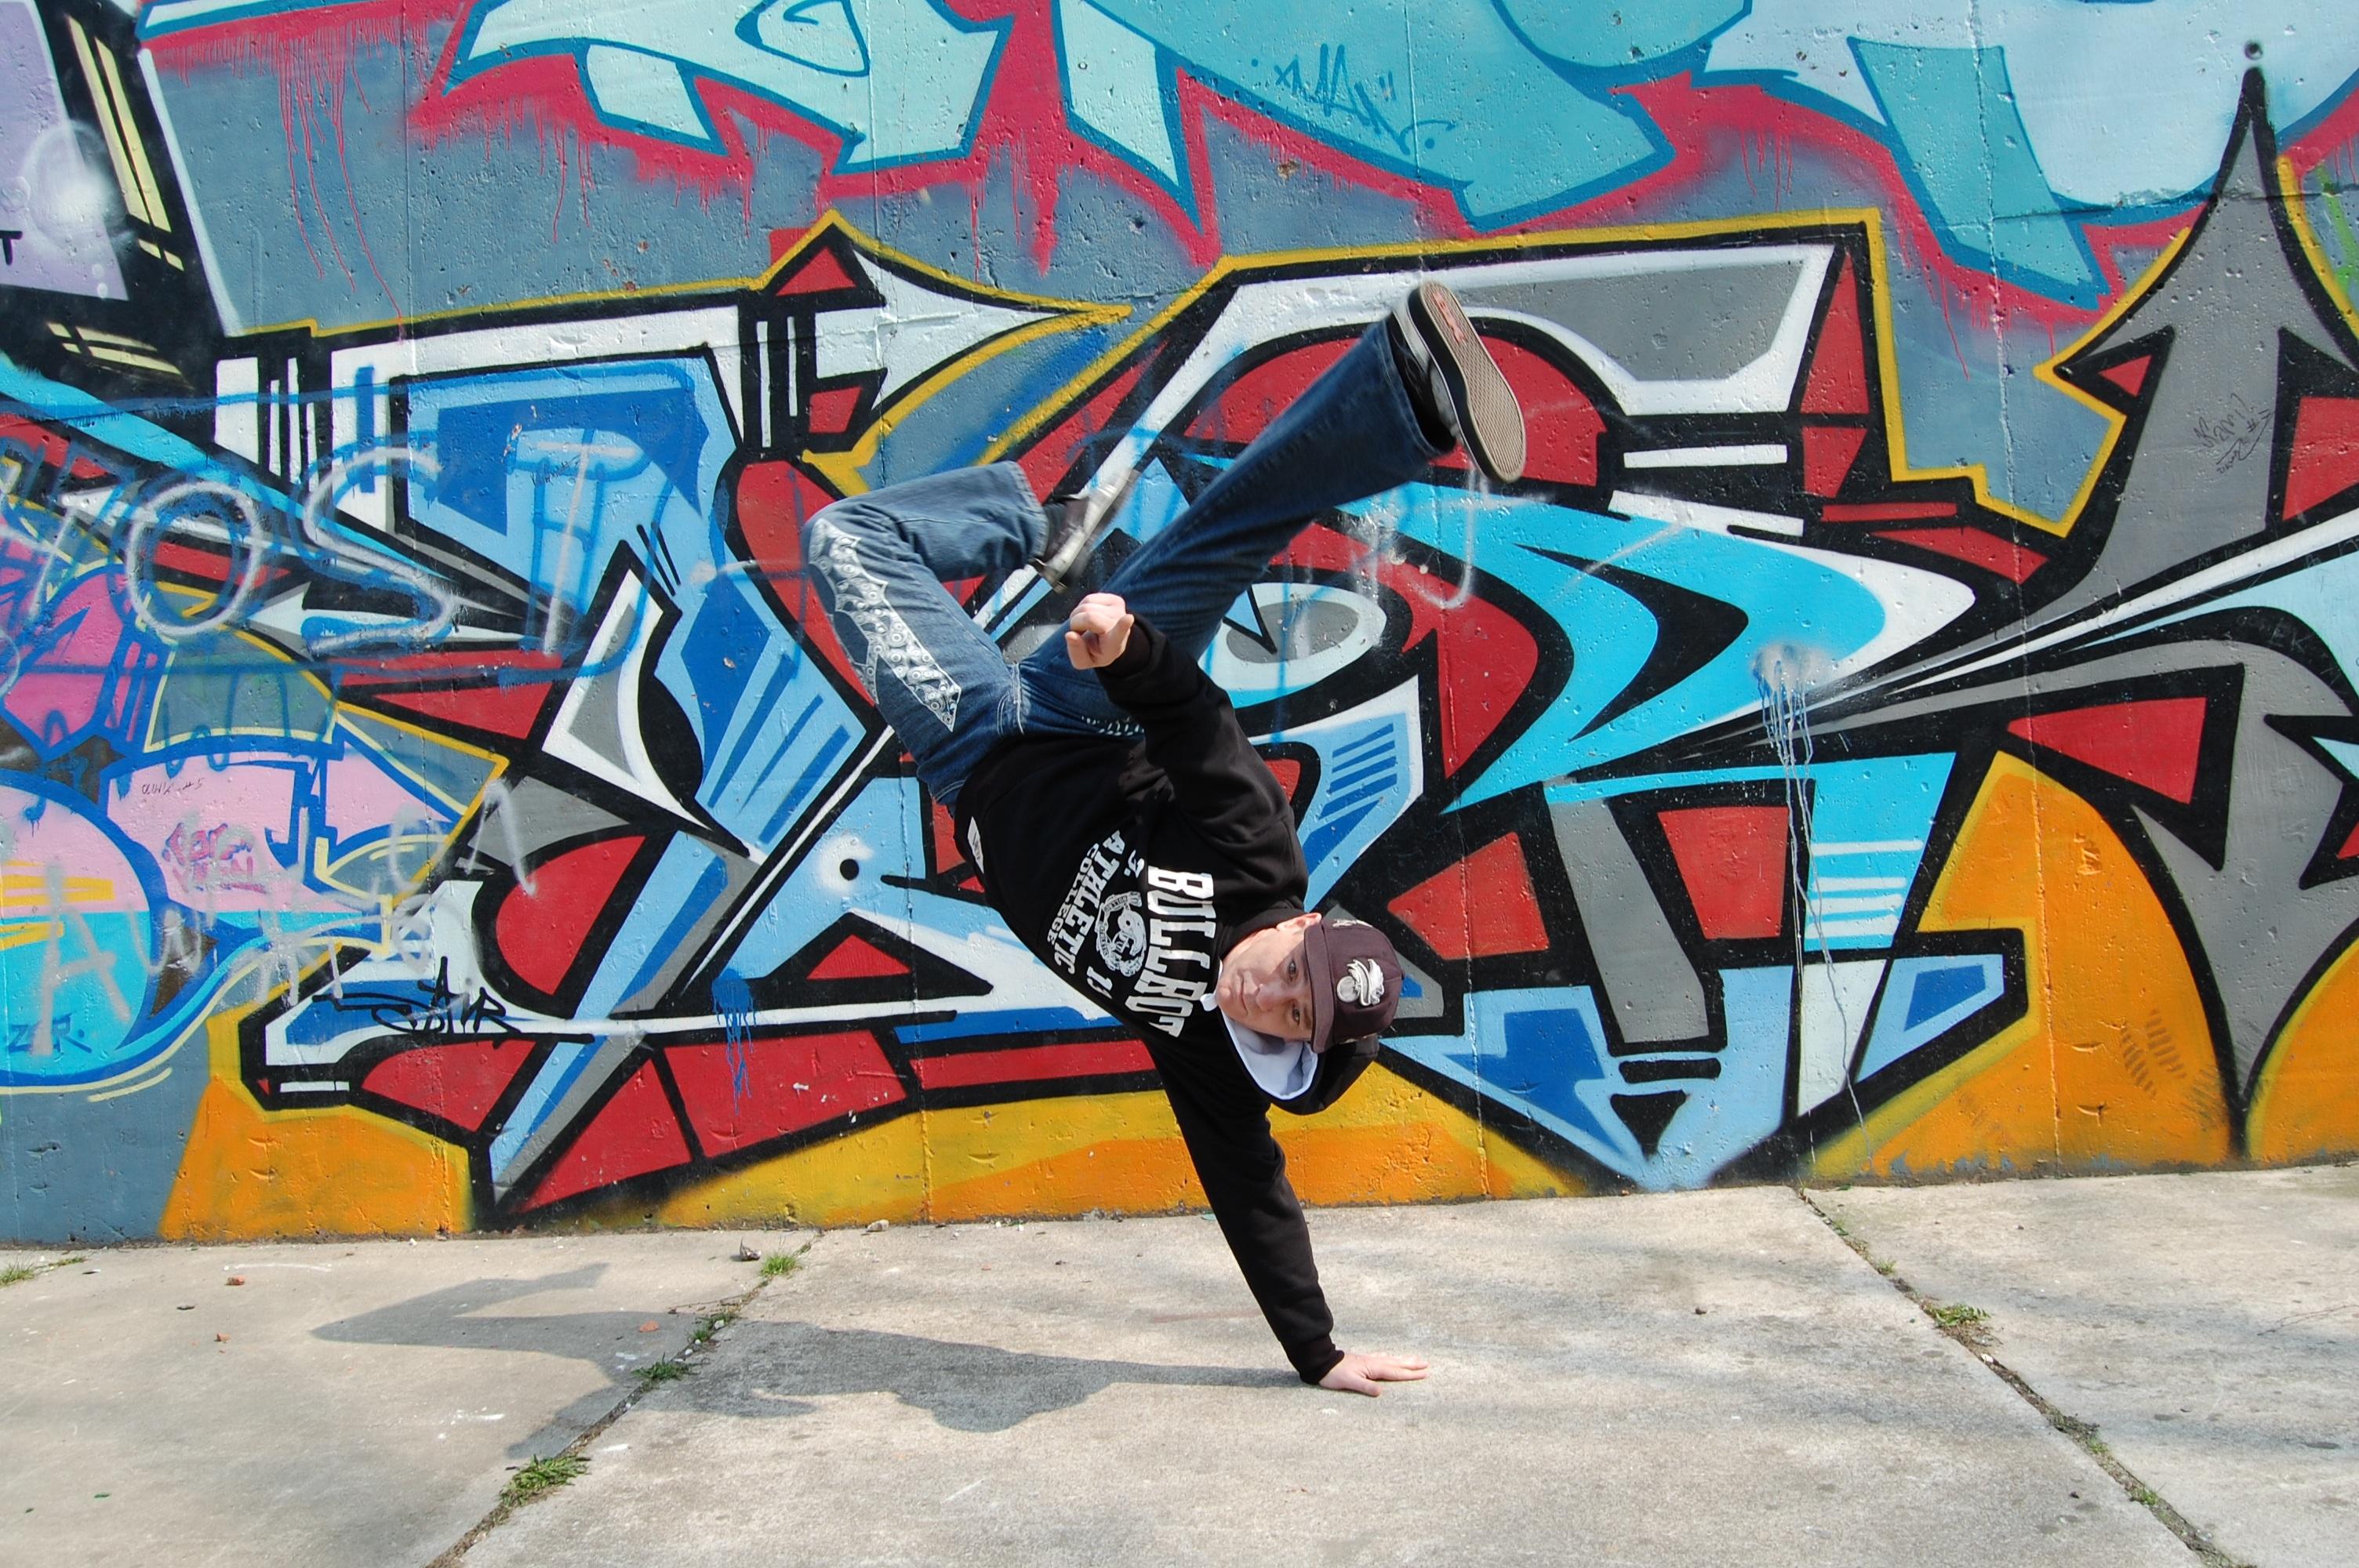 Free 3d Wallpaper Apps Free Stock Photo Of Body Break Dance Breakdance